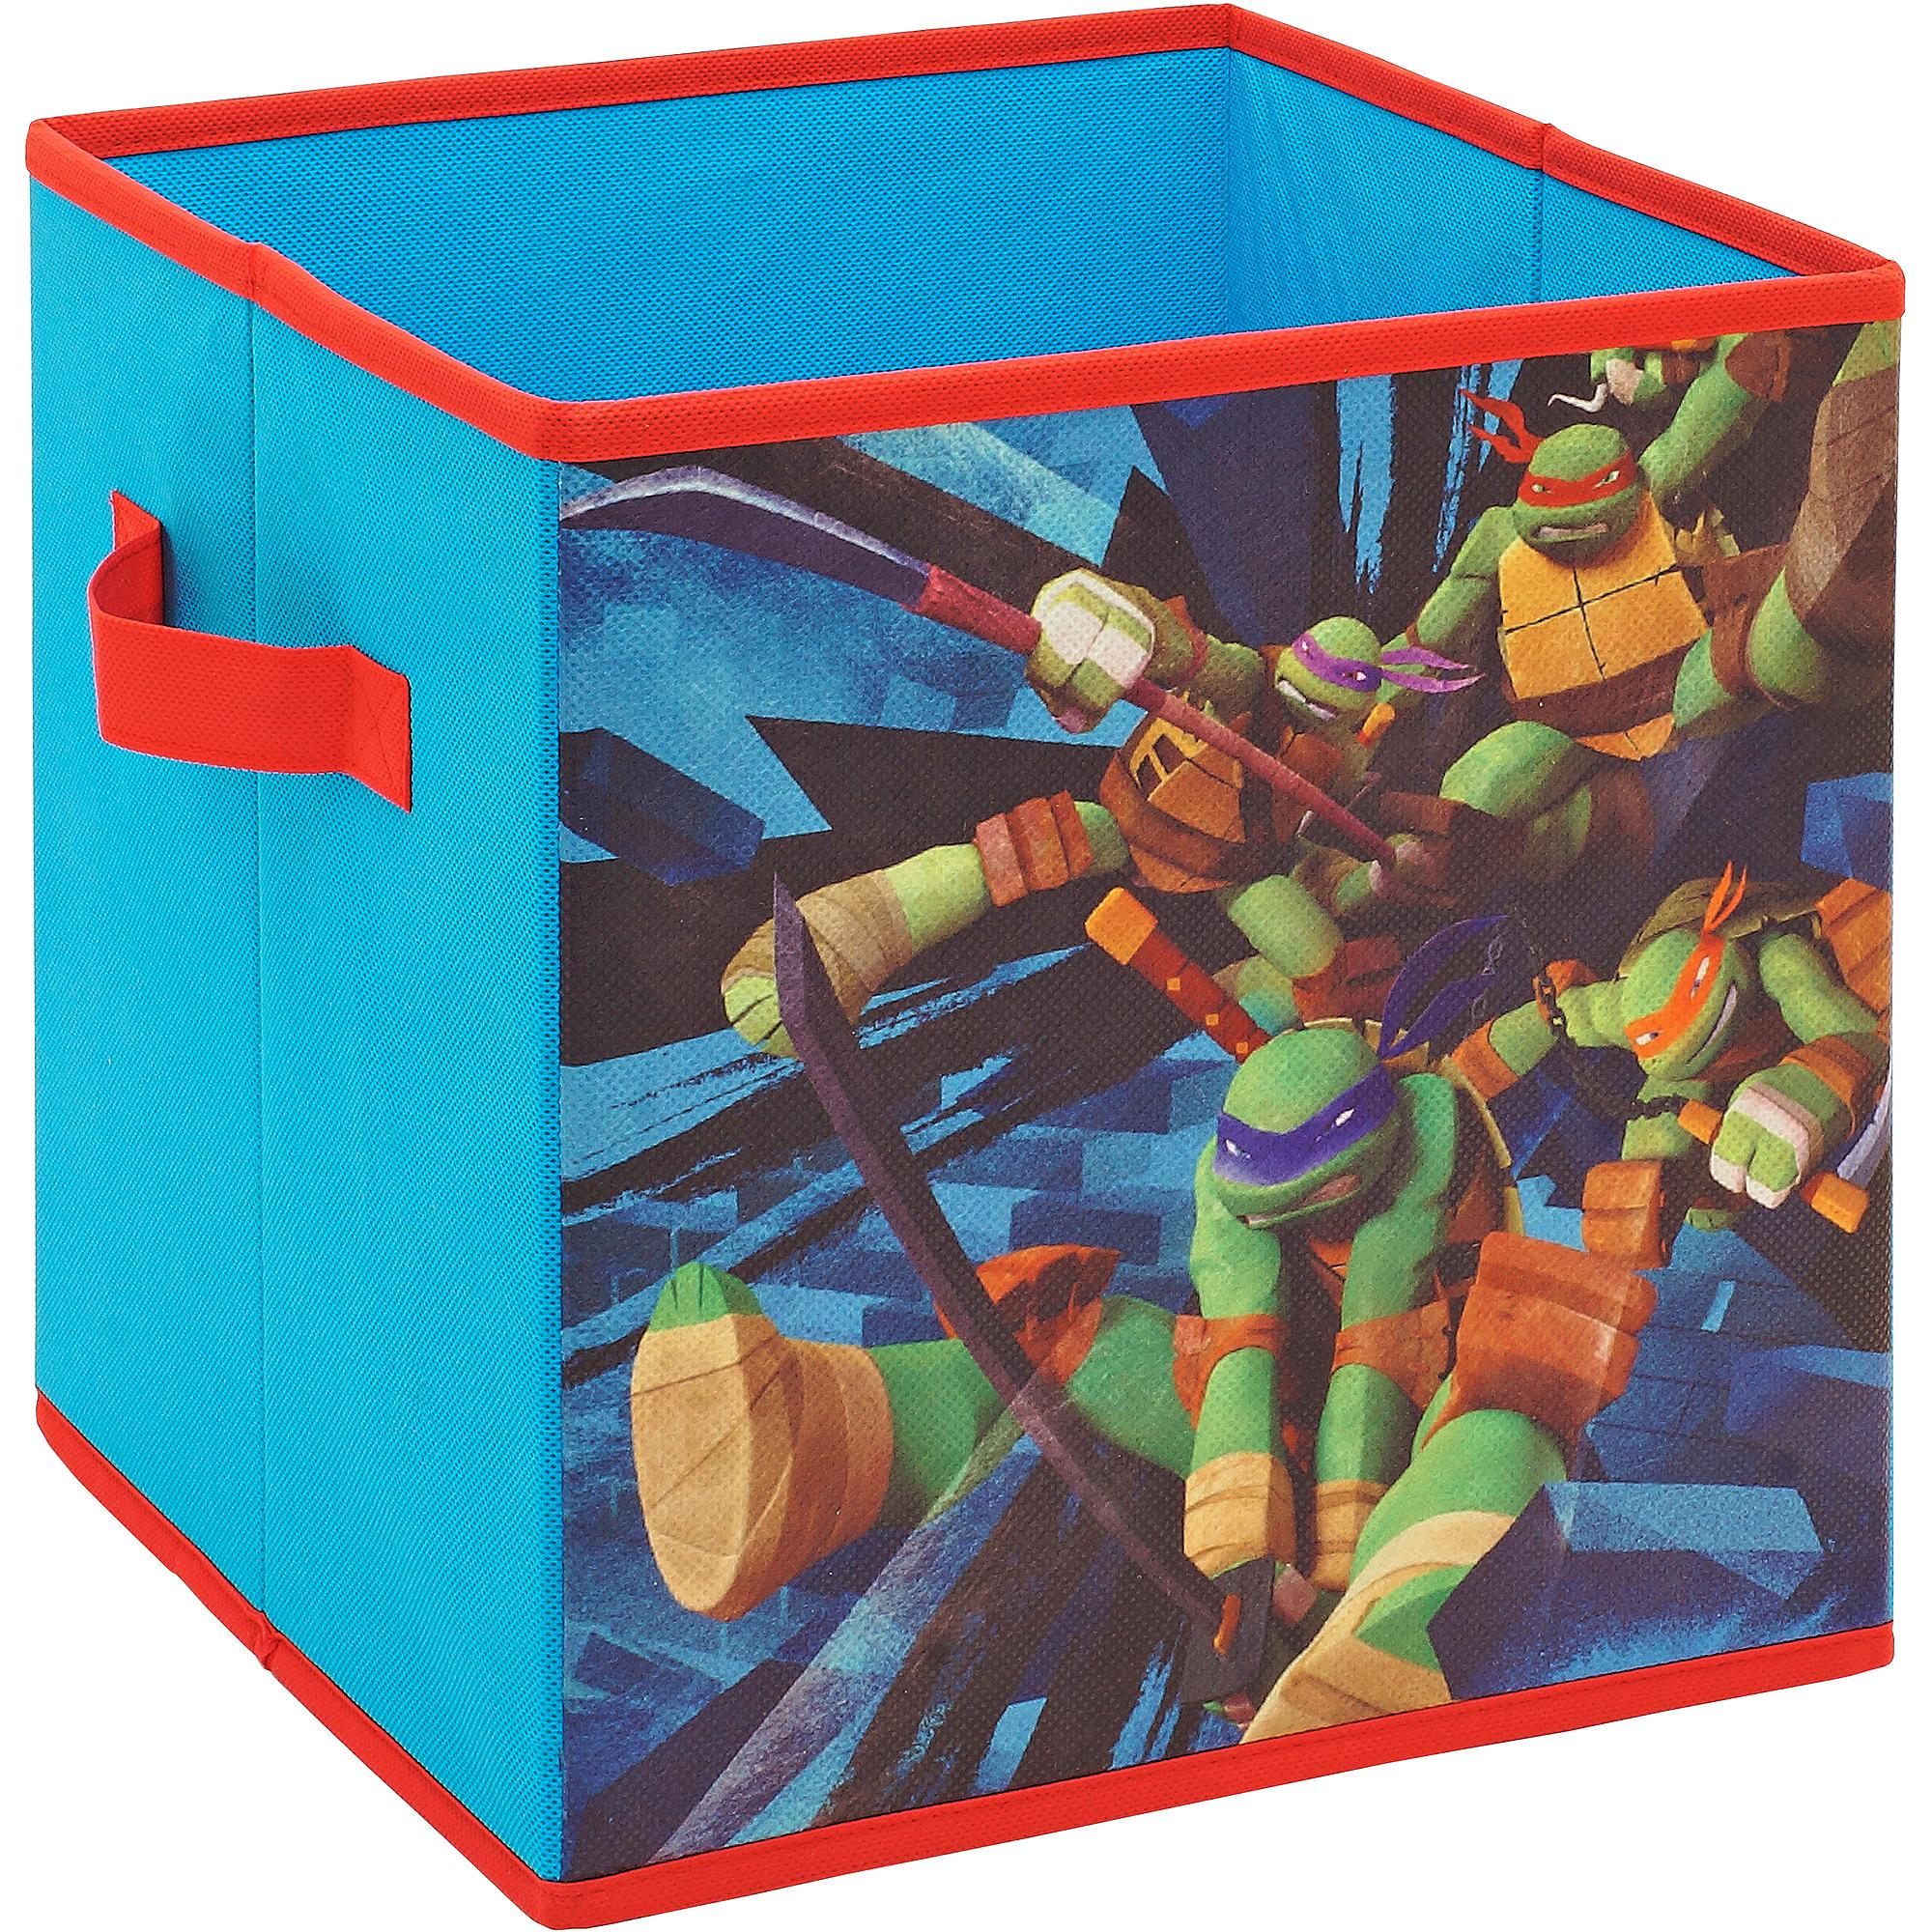 Teenage Mutant Ninja Turtles Storage Cube, Real Turtles 2